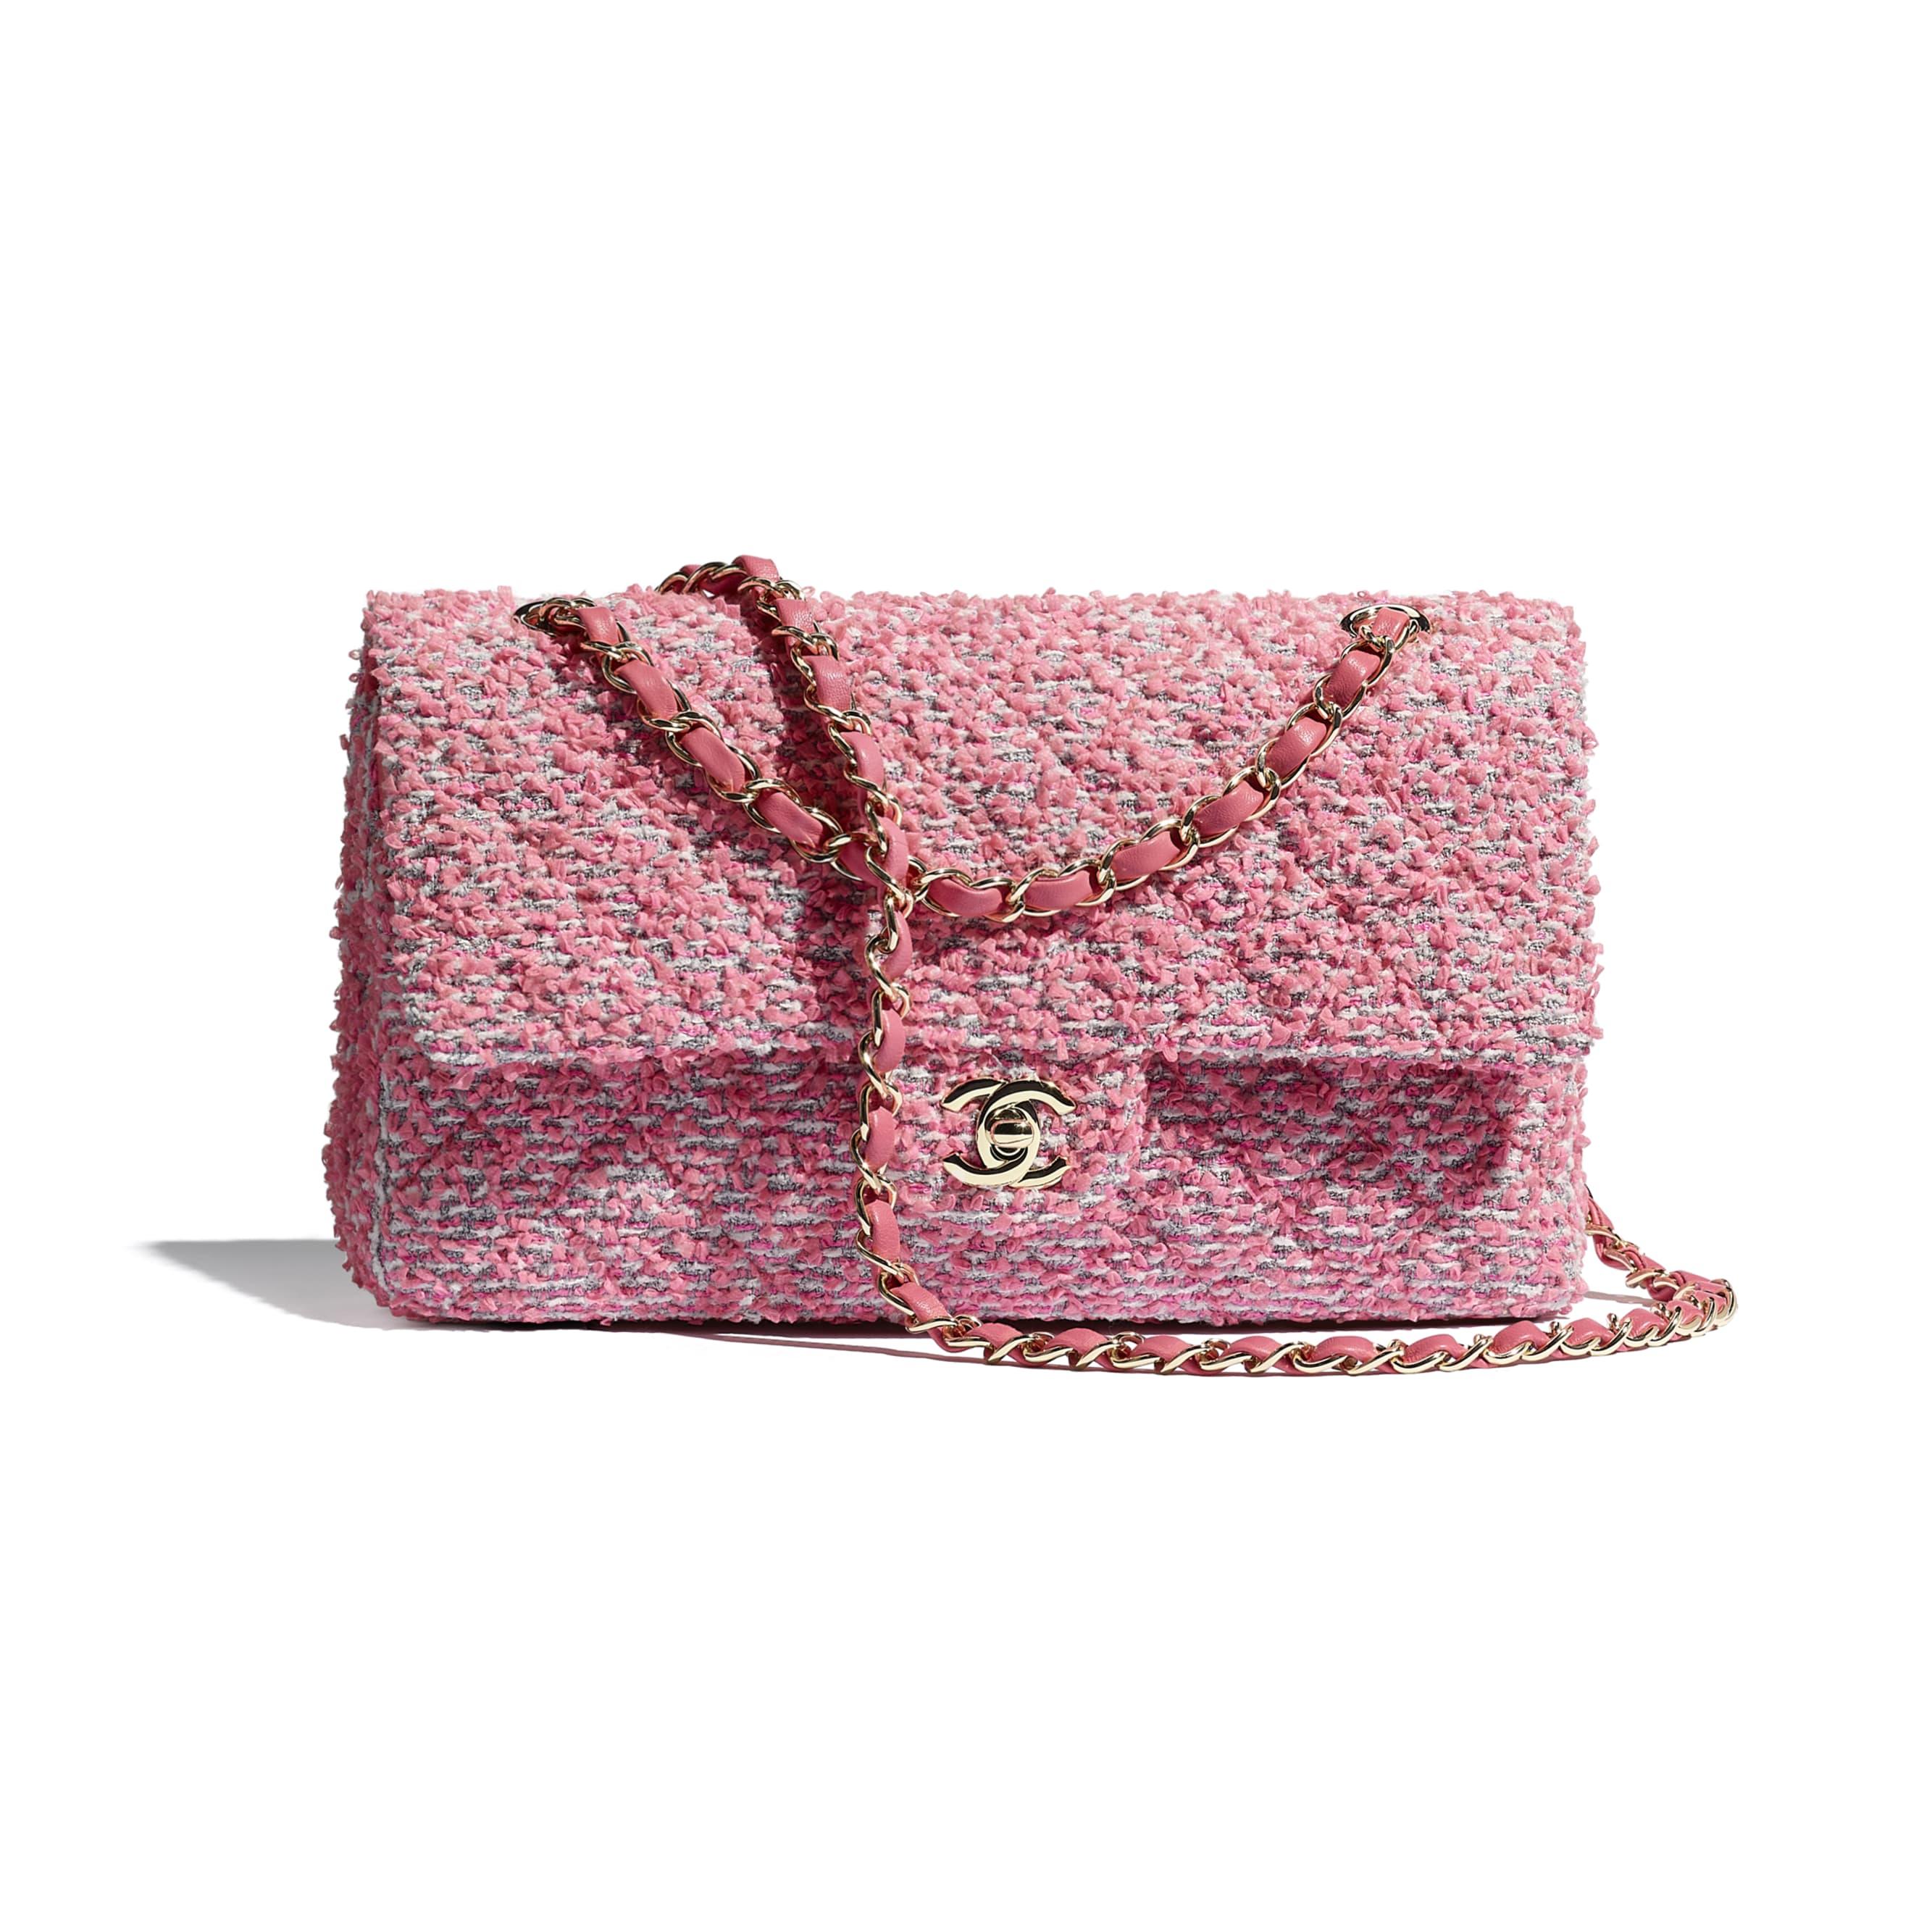 กระเป๋าสะพายคลาสสิก - สีชมพู สีขาว และสีเทา - ผ้าทวีตและโลหะสีทอง - CHANEL - มุมมองปัจจุบัน - ดูเวอร์ชันขนาดมาตรฐาน